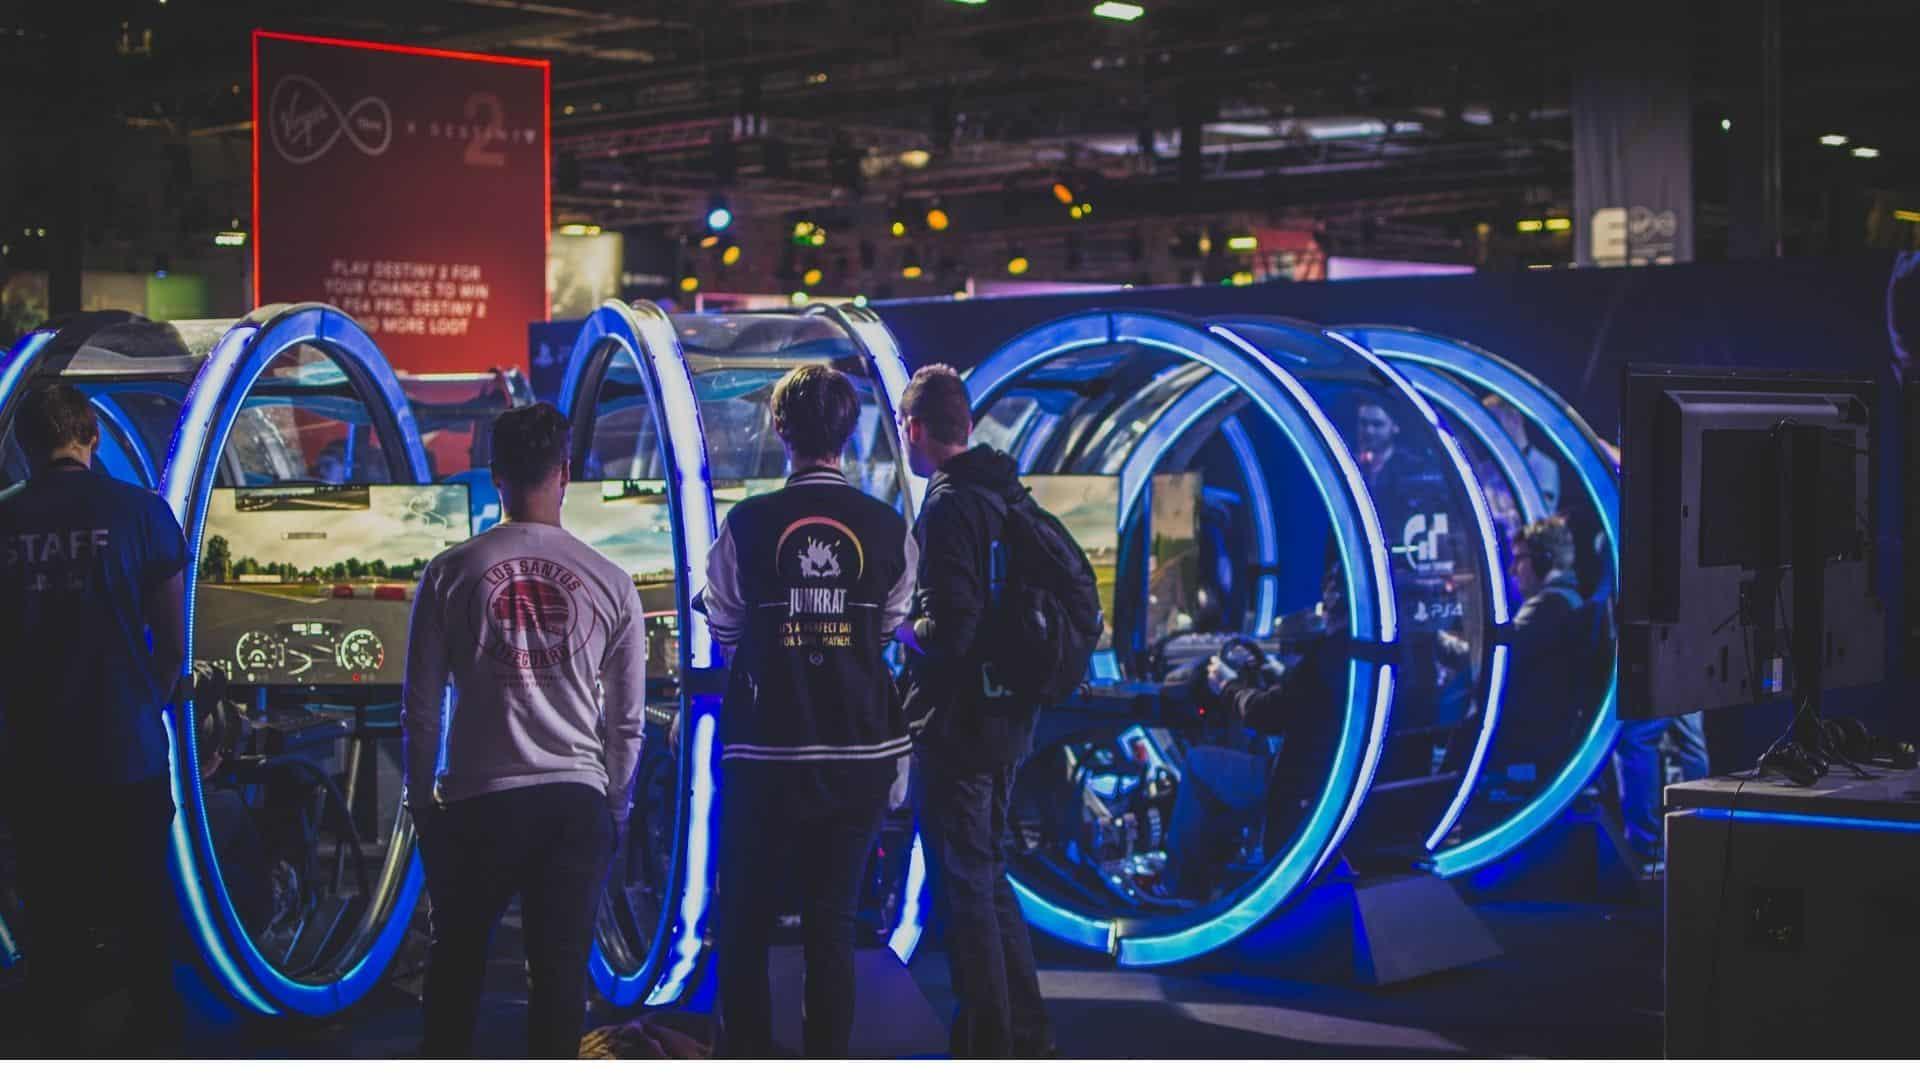 Hangi Oyunlar Elektronik Spor Turnuvaları